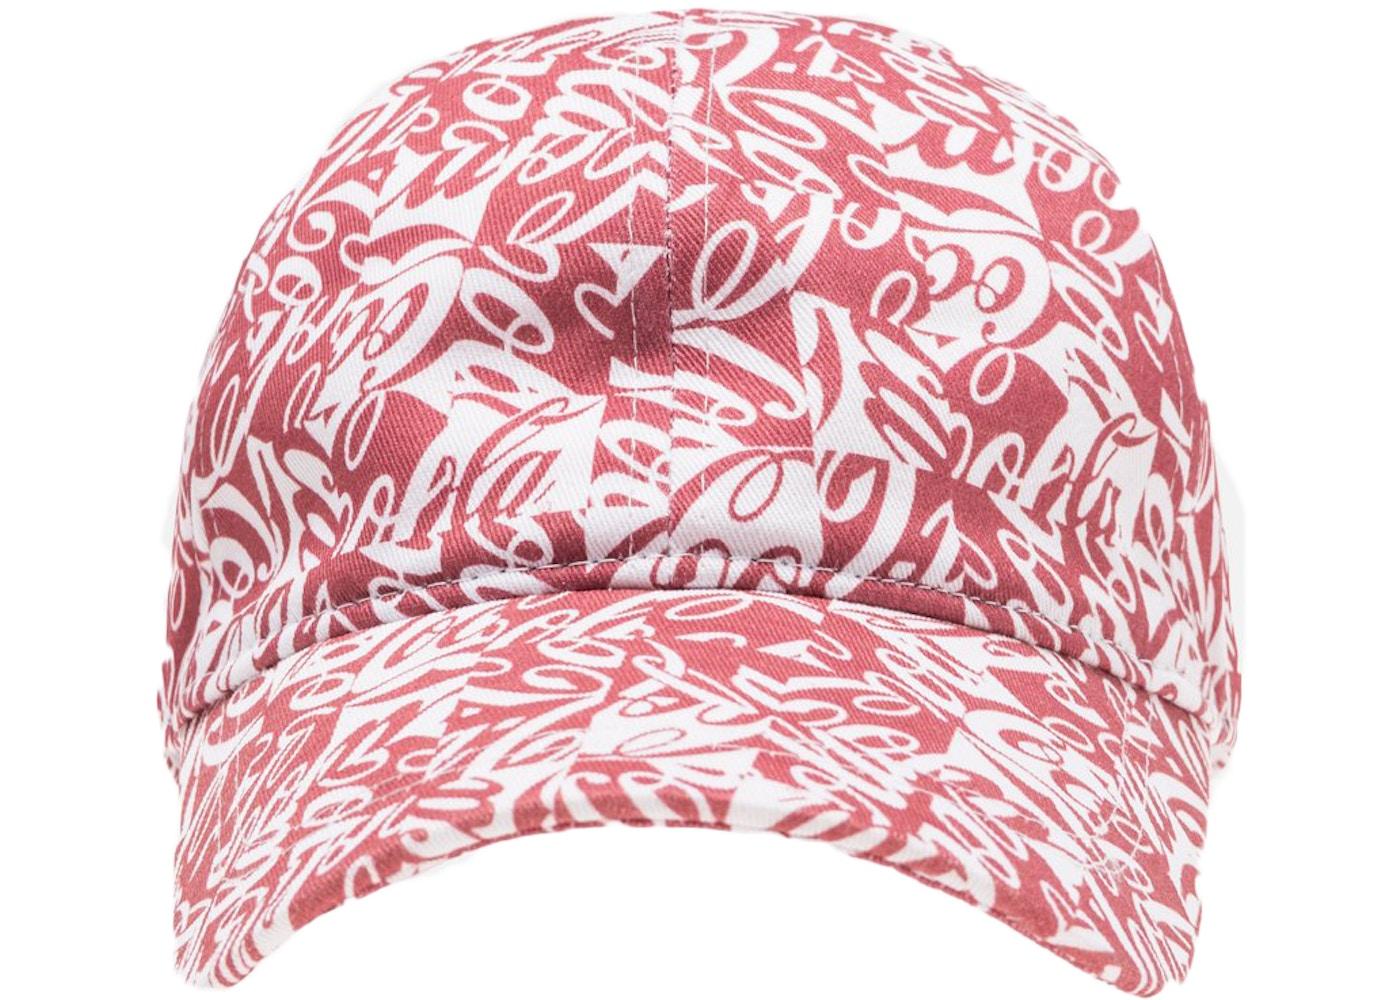 69bcc310407 Kith x Coca-Cola Cubed Cap Red - FW18